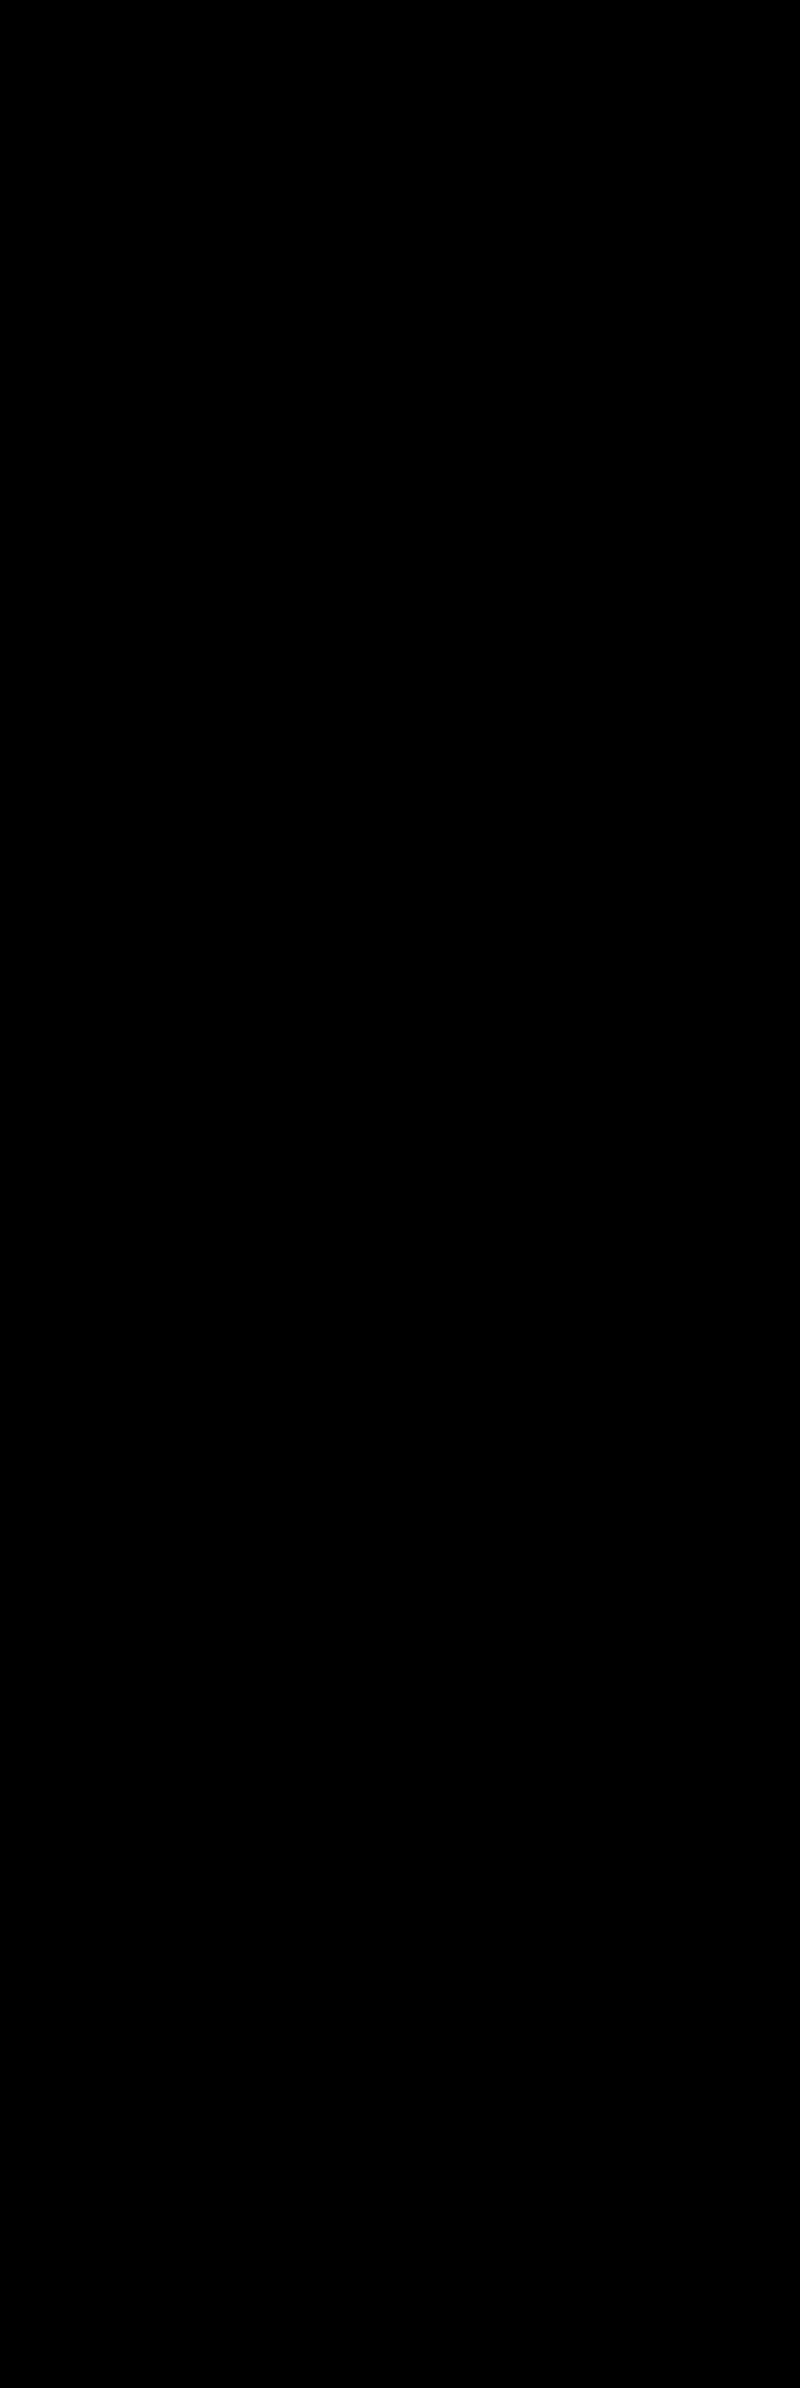 Japanese kanji japanory japanese language biocorpaavc Images